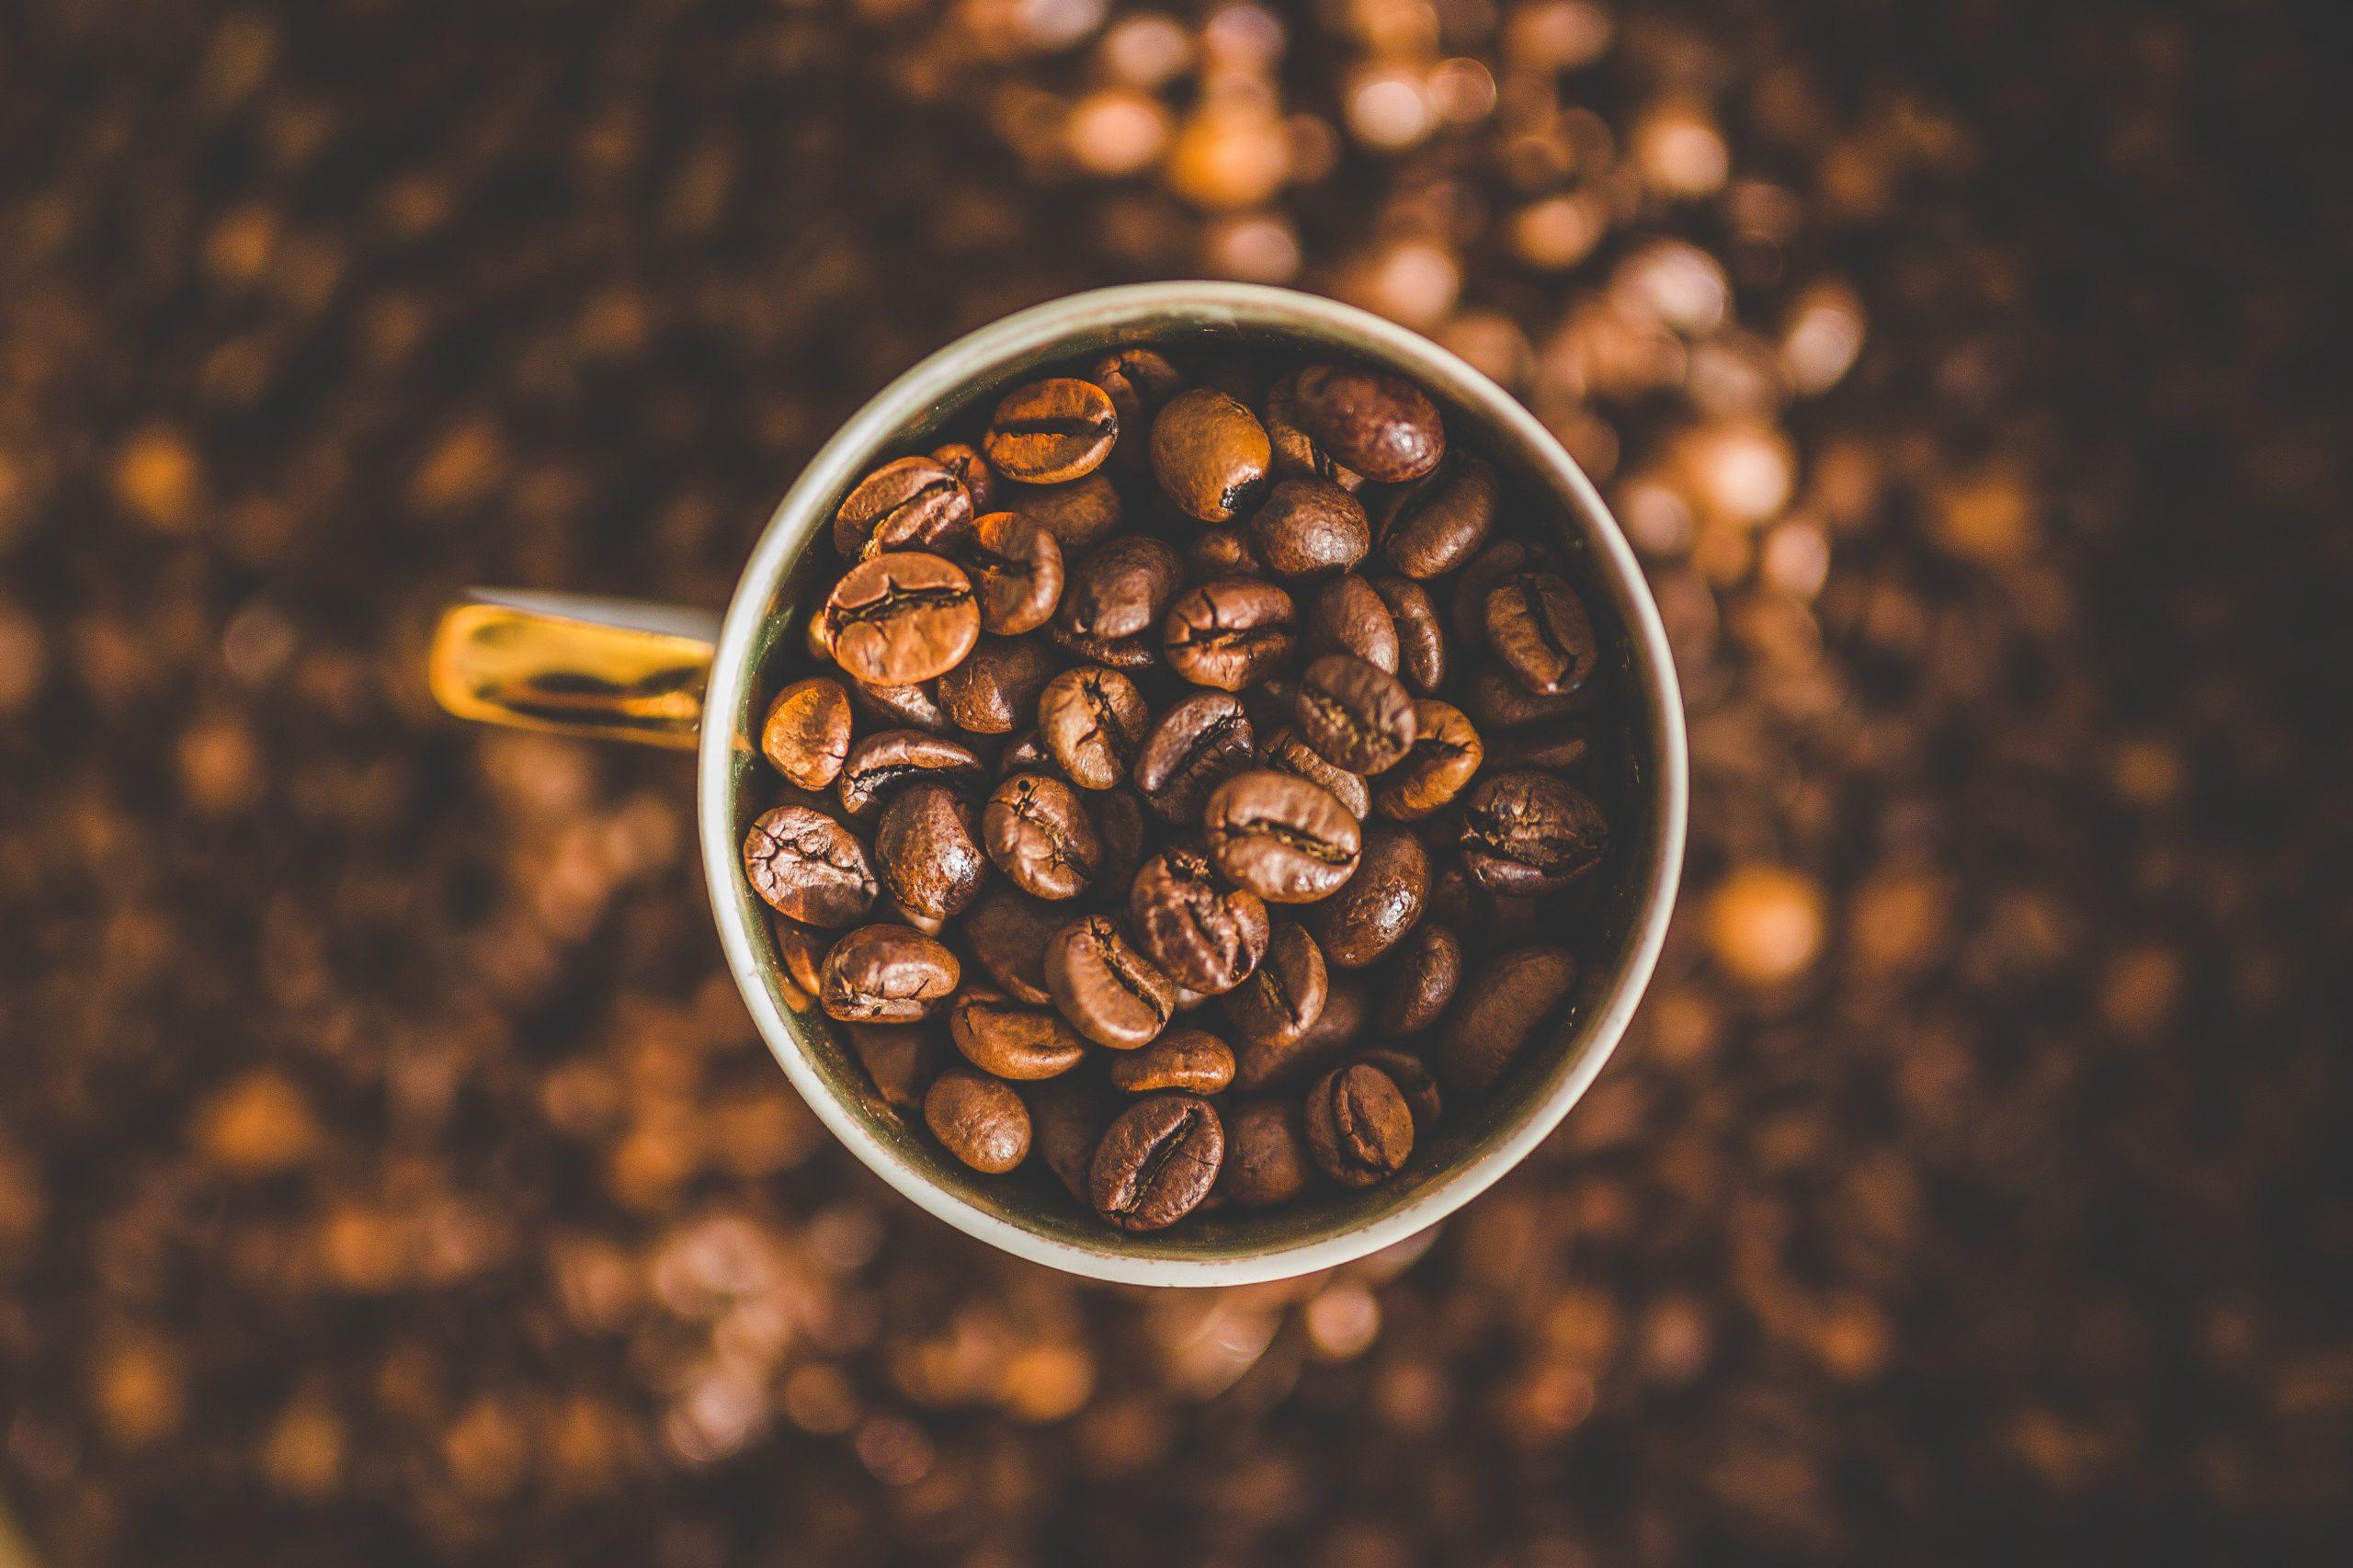 De voordelen van koffie maken met verse koffiebonen